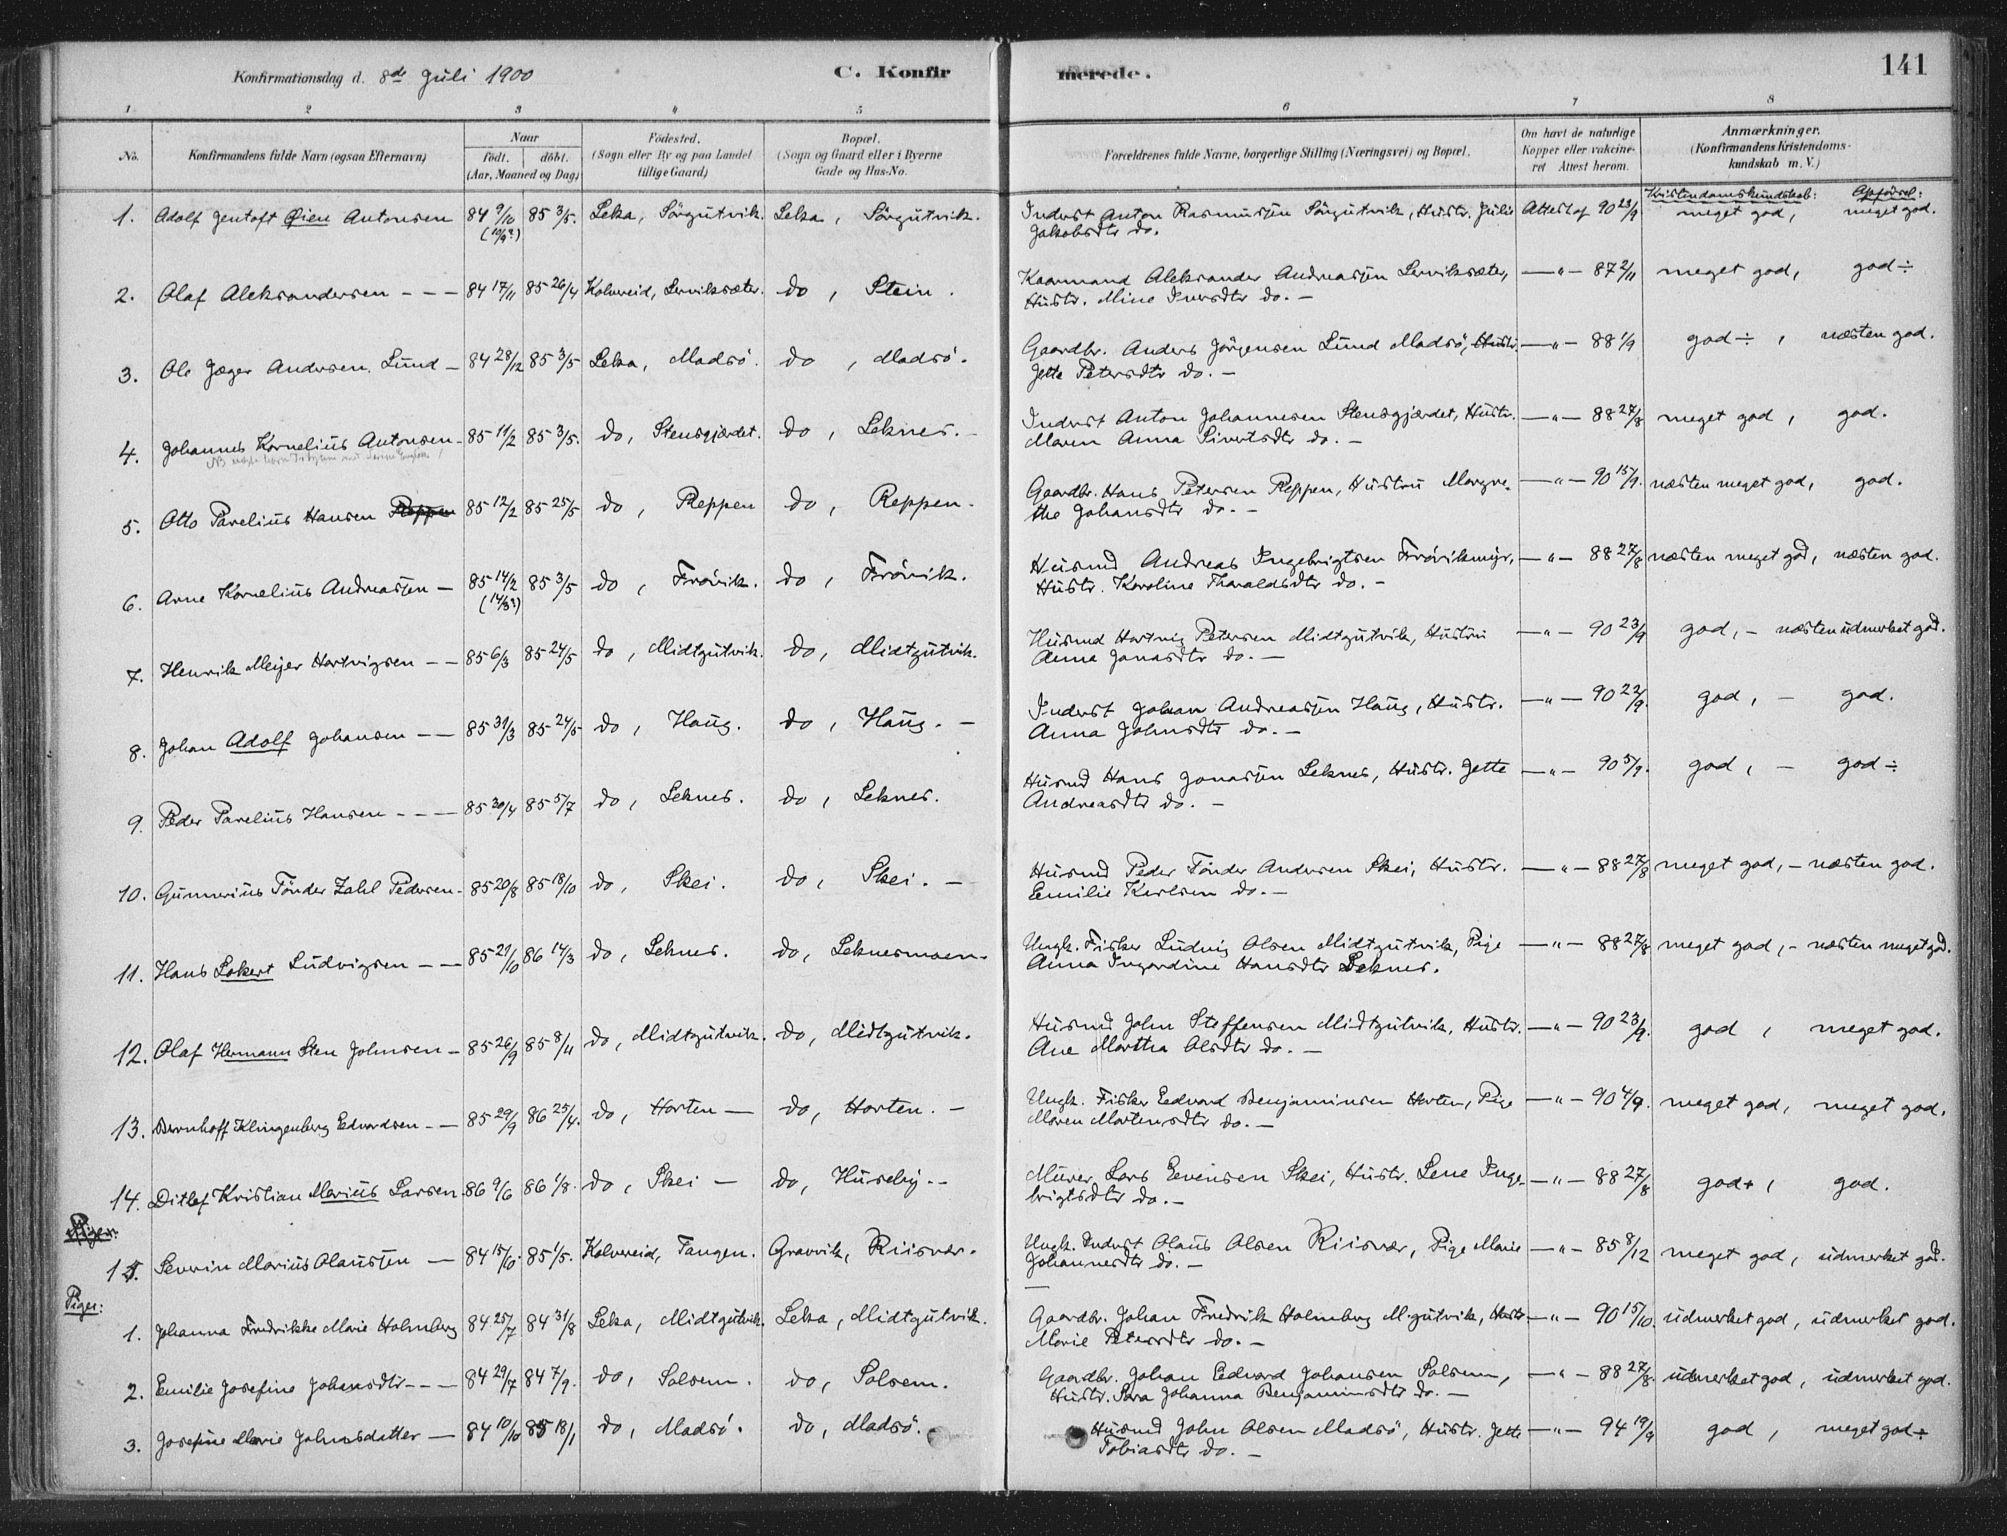 SAT, Ministerialprotokoller, klokkerbøker og fødselsregistre - Nord-Trøndelag, 788/L0697: Ministerialbok nr. 788A04, 1878-1902, s. 141